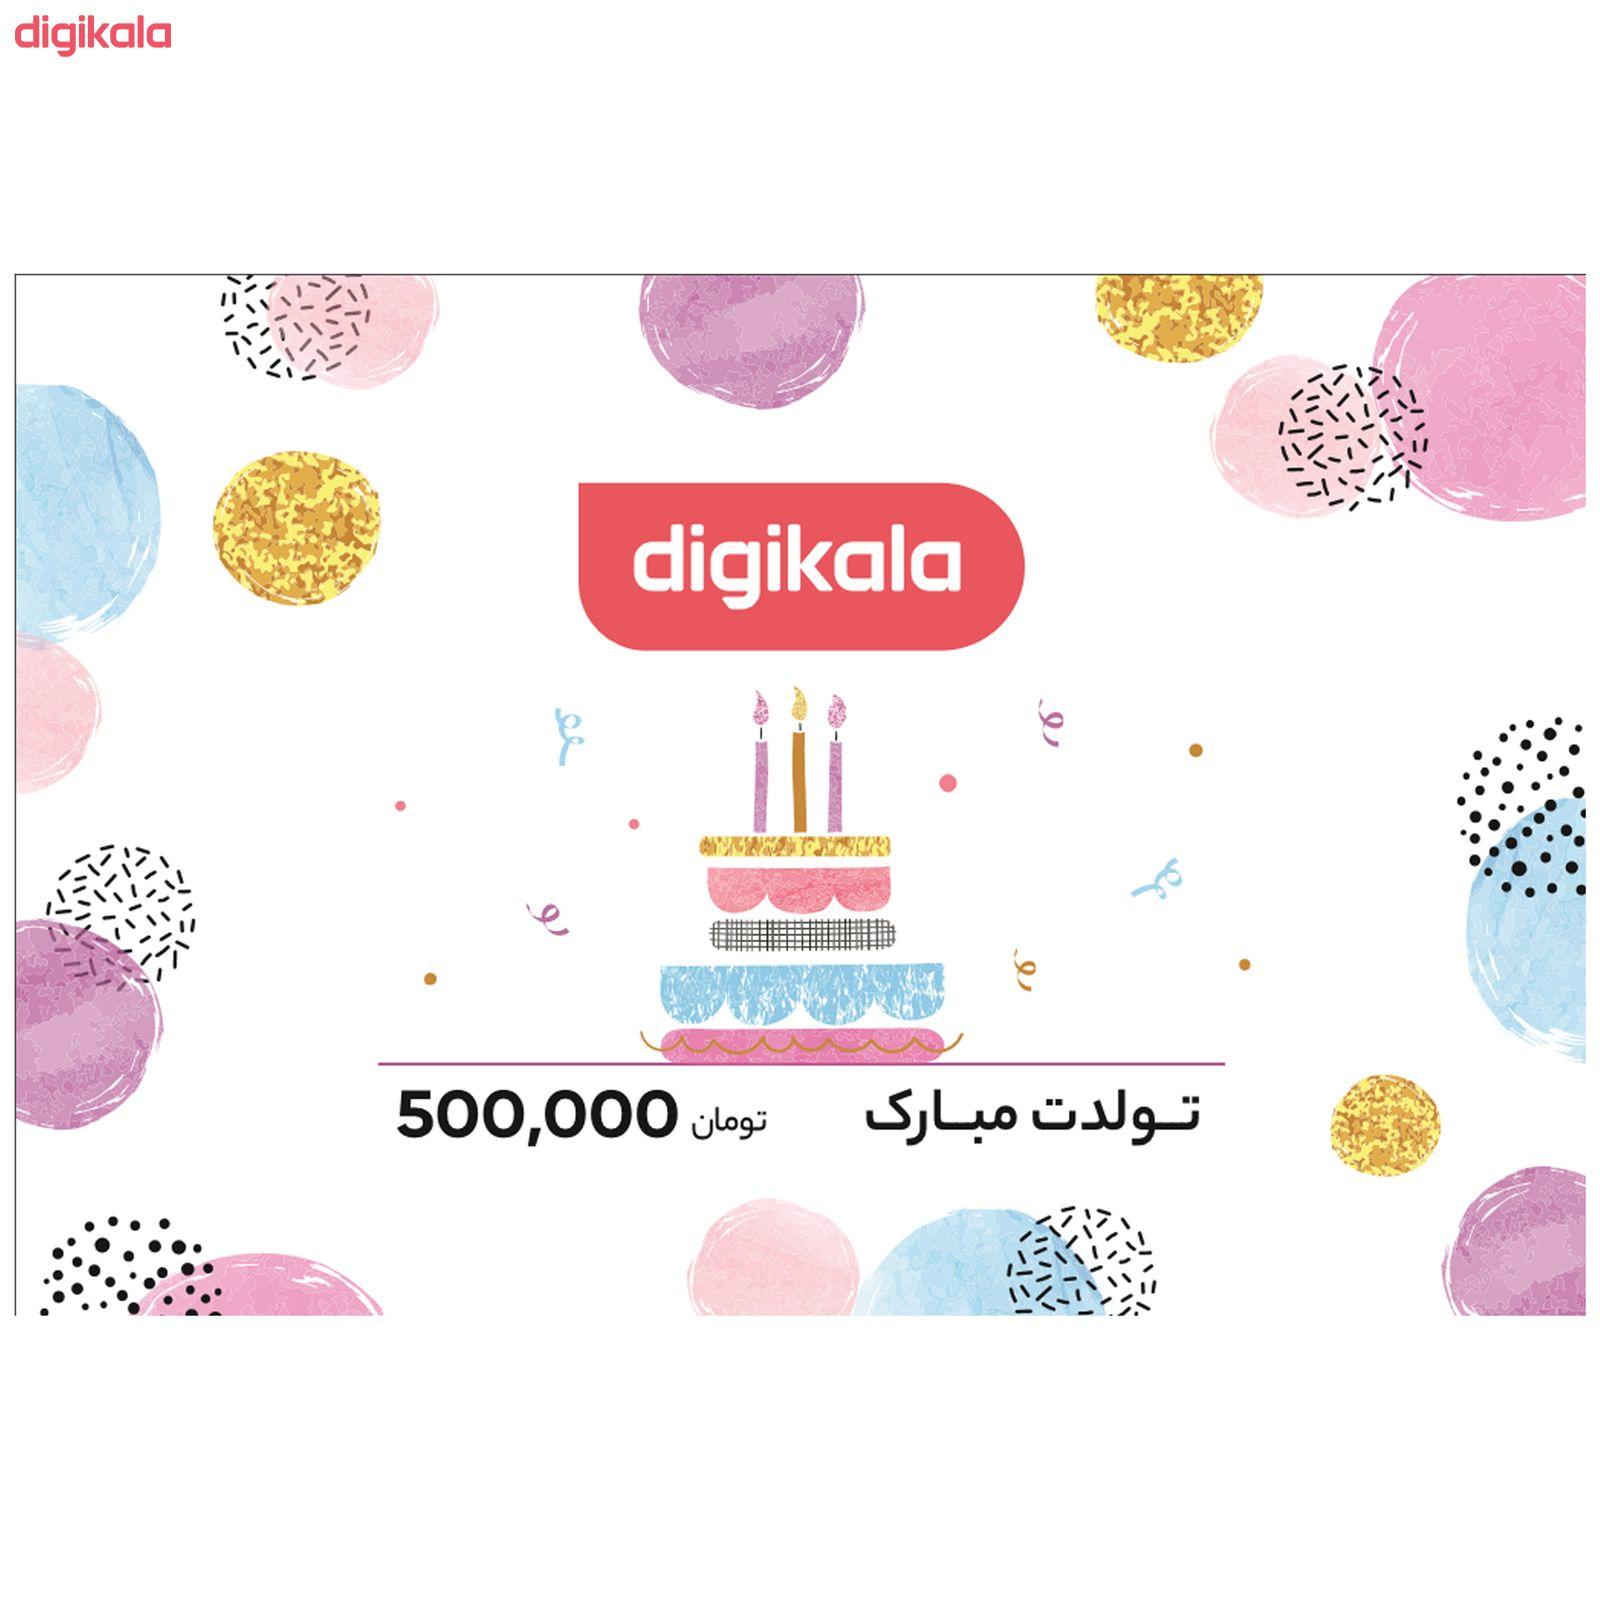 کارت هدیه دیجی کالا به ارزش 500,000 تومان طرح تولد main 1 1